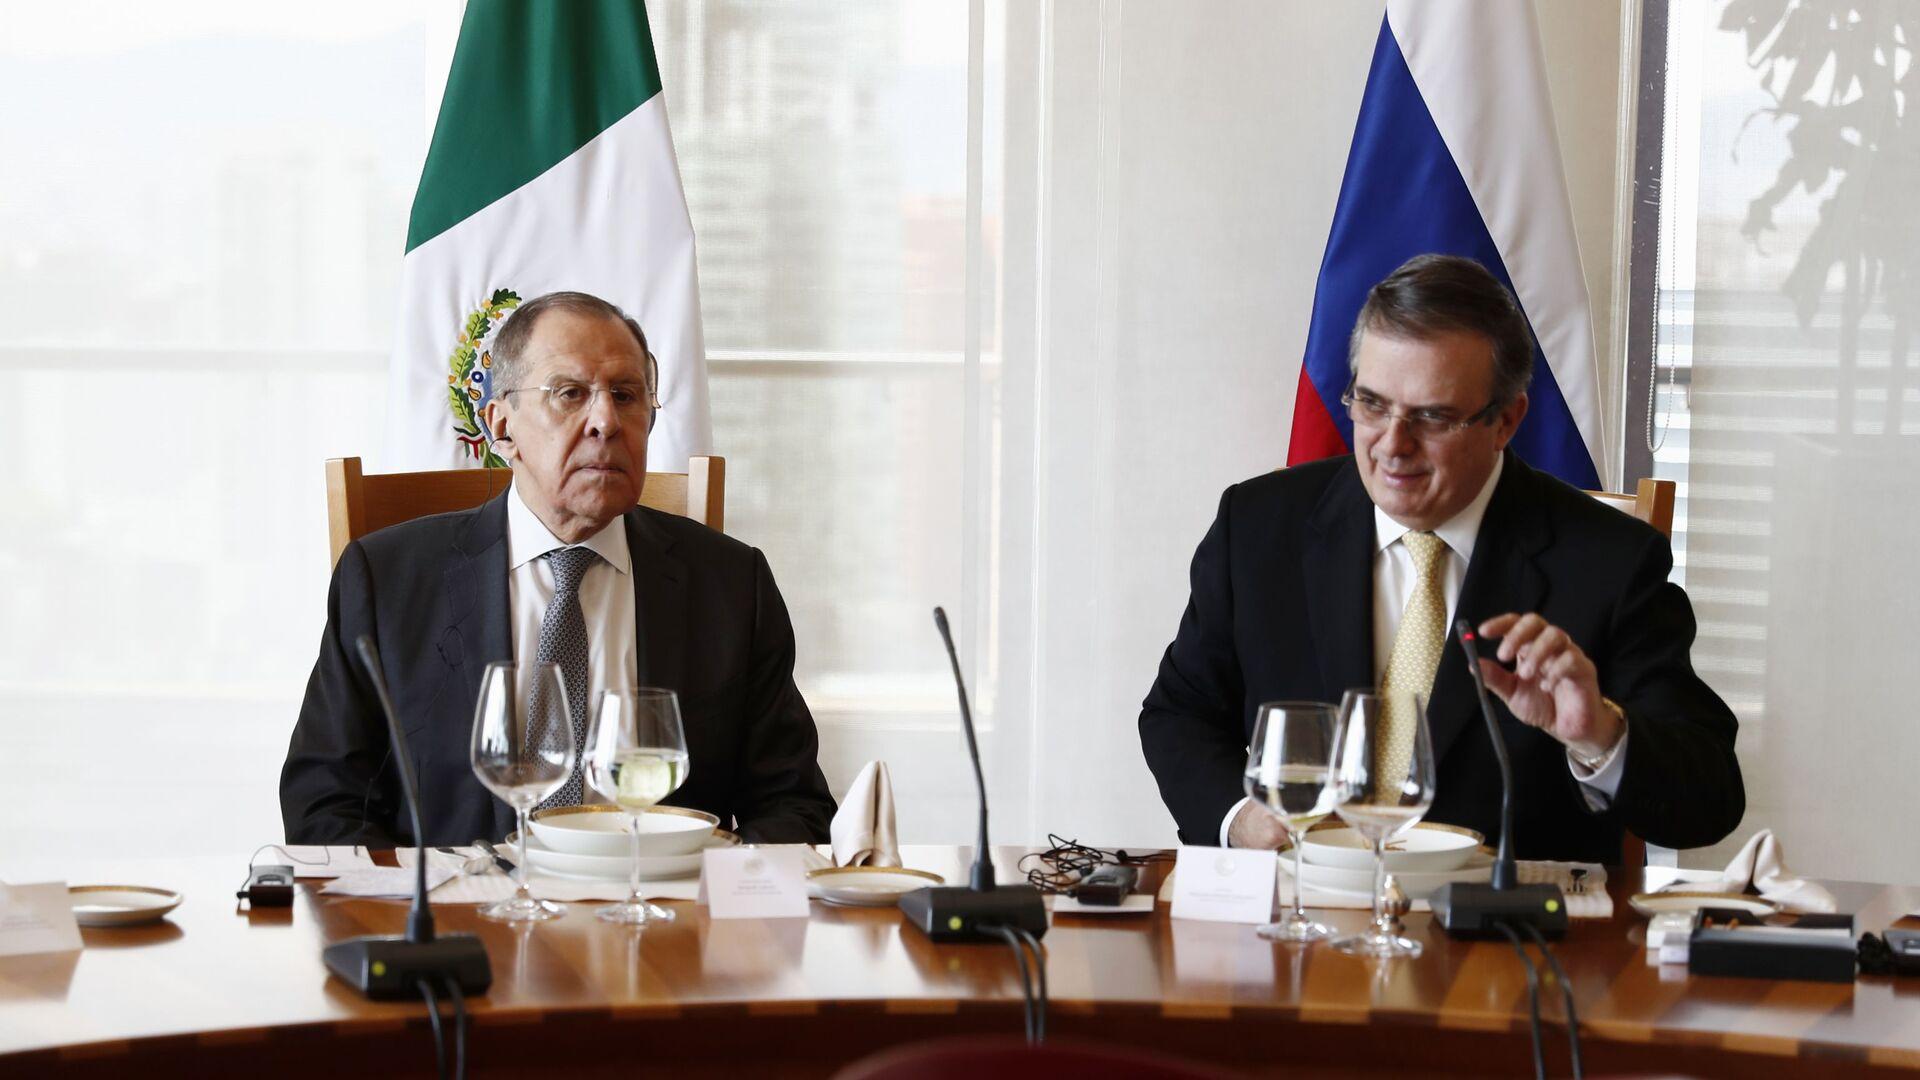 El canciller ruso, Serguéi Lavrov, y su homólogo mexicano, Marcelo Ebrard - Sputnik Mundo, 1920, 18.02.2021